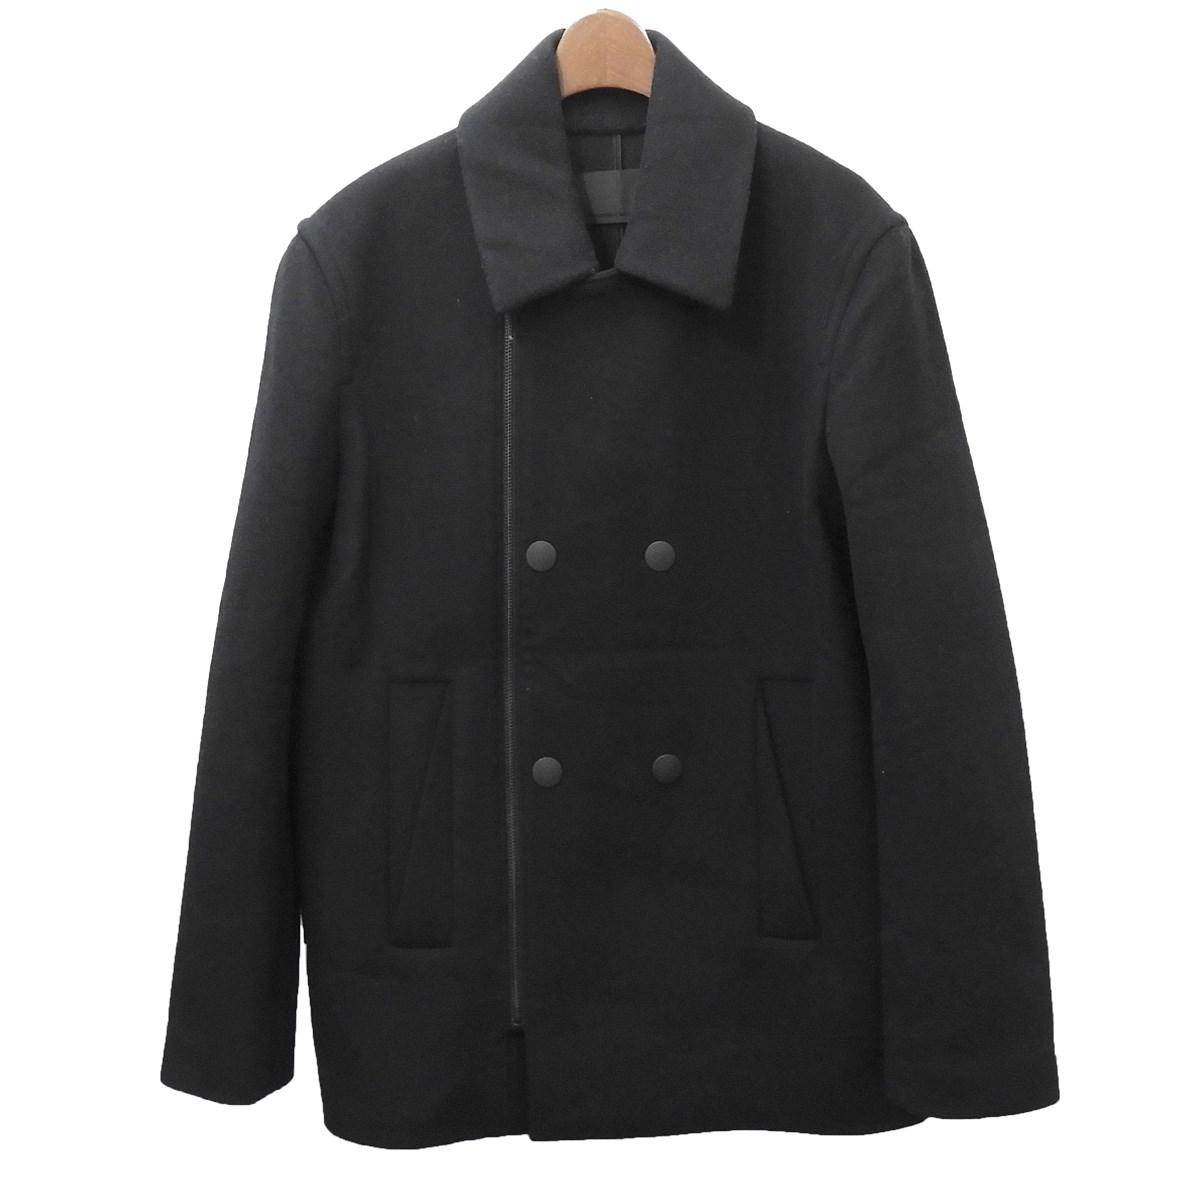 【中古】ALEXANDER WANG ライダースコート ブラック サイズ:46 【240320】(アレキサンダーワン)